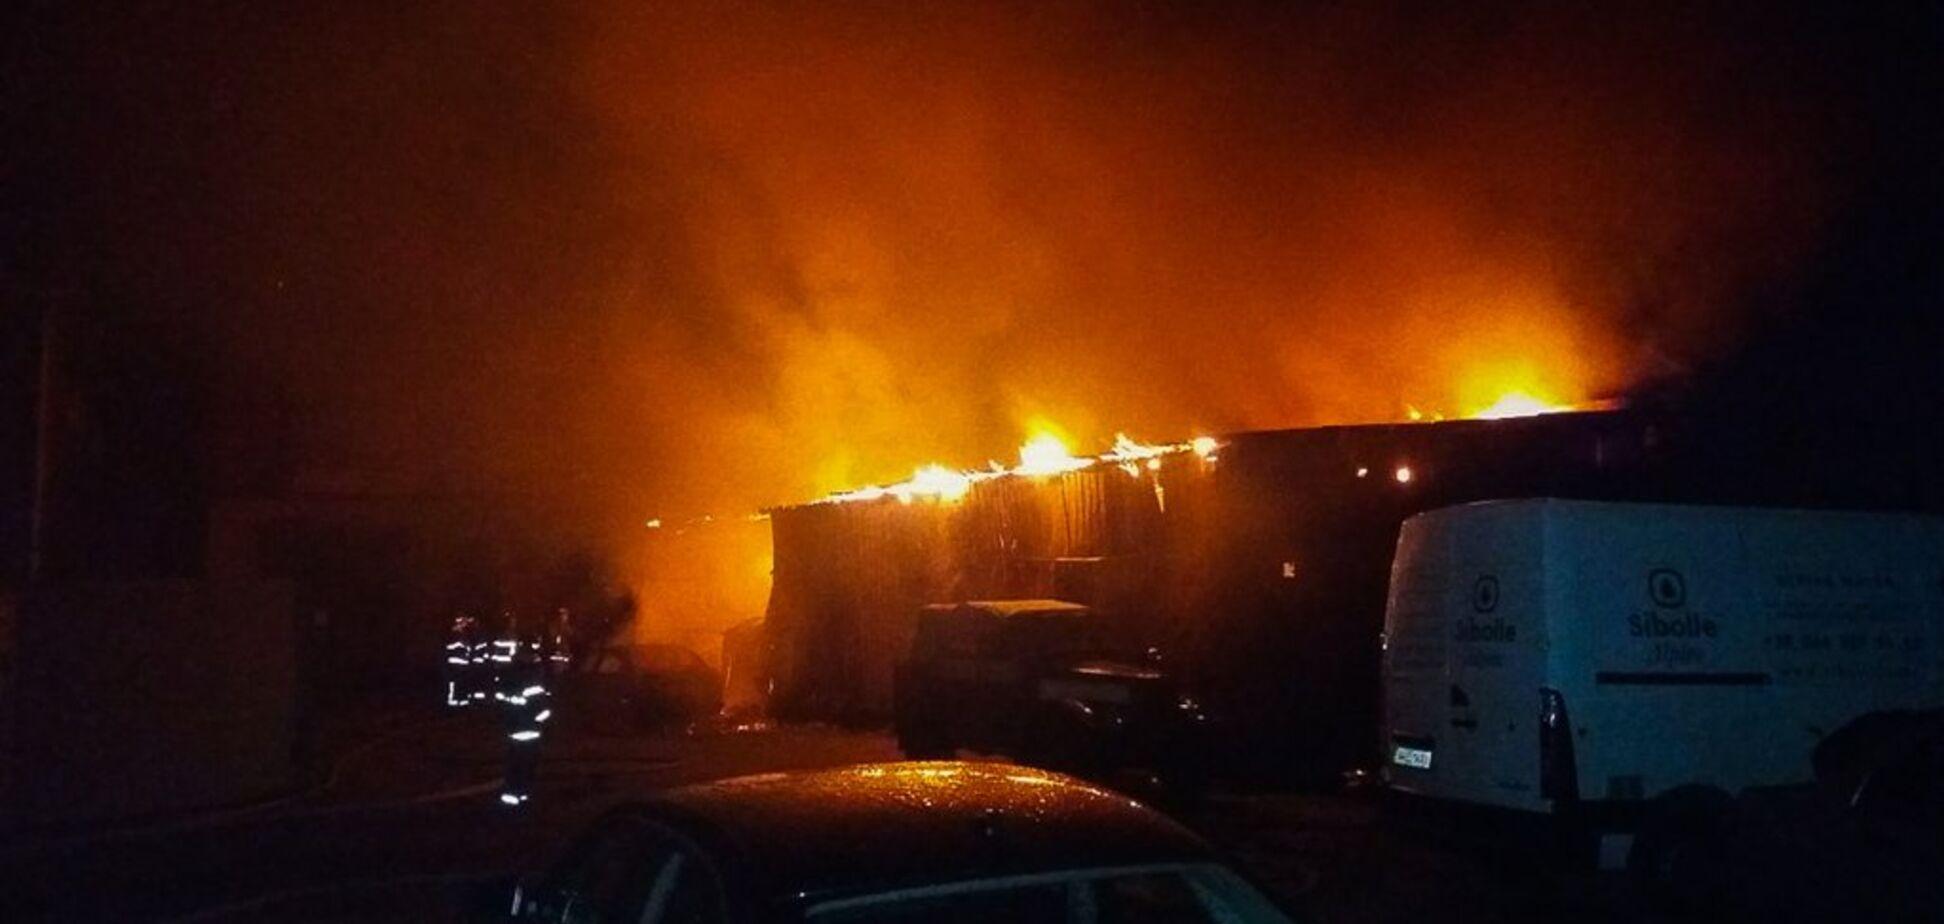 В Киеве на автобазе вспыхнул сильный пожар: несколько авто не спасли. Фото и видео